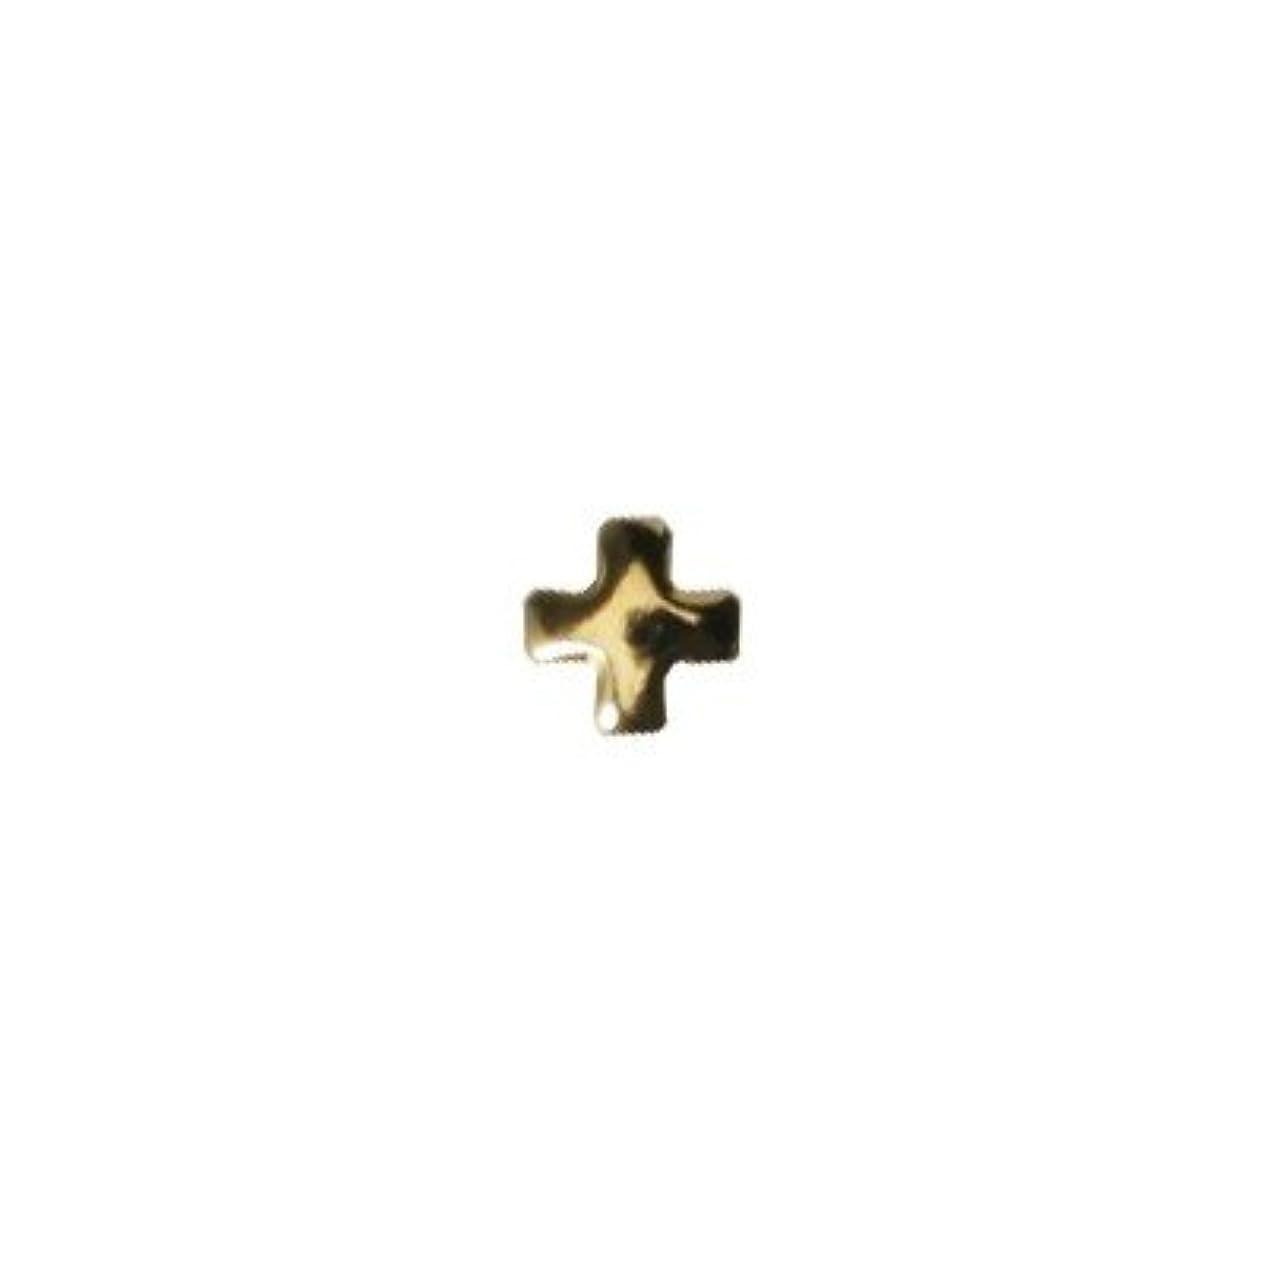 中毒出費異なるピアドラ スタッズ クロスレット 2mm 50P ゴールド